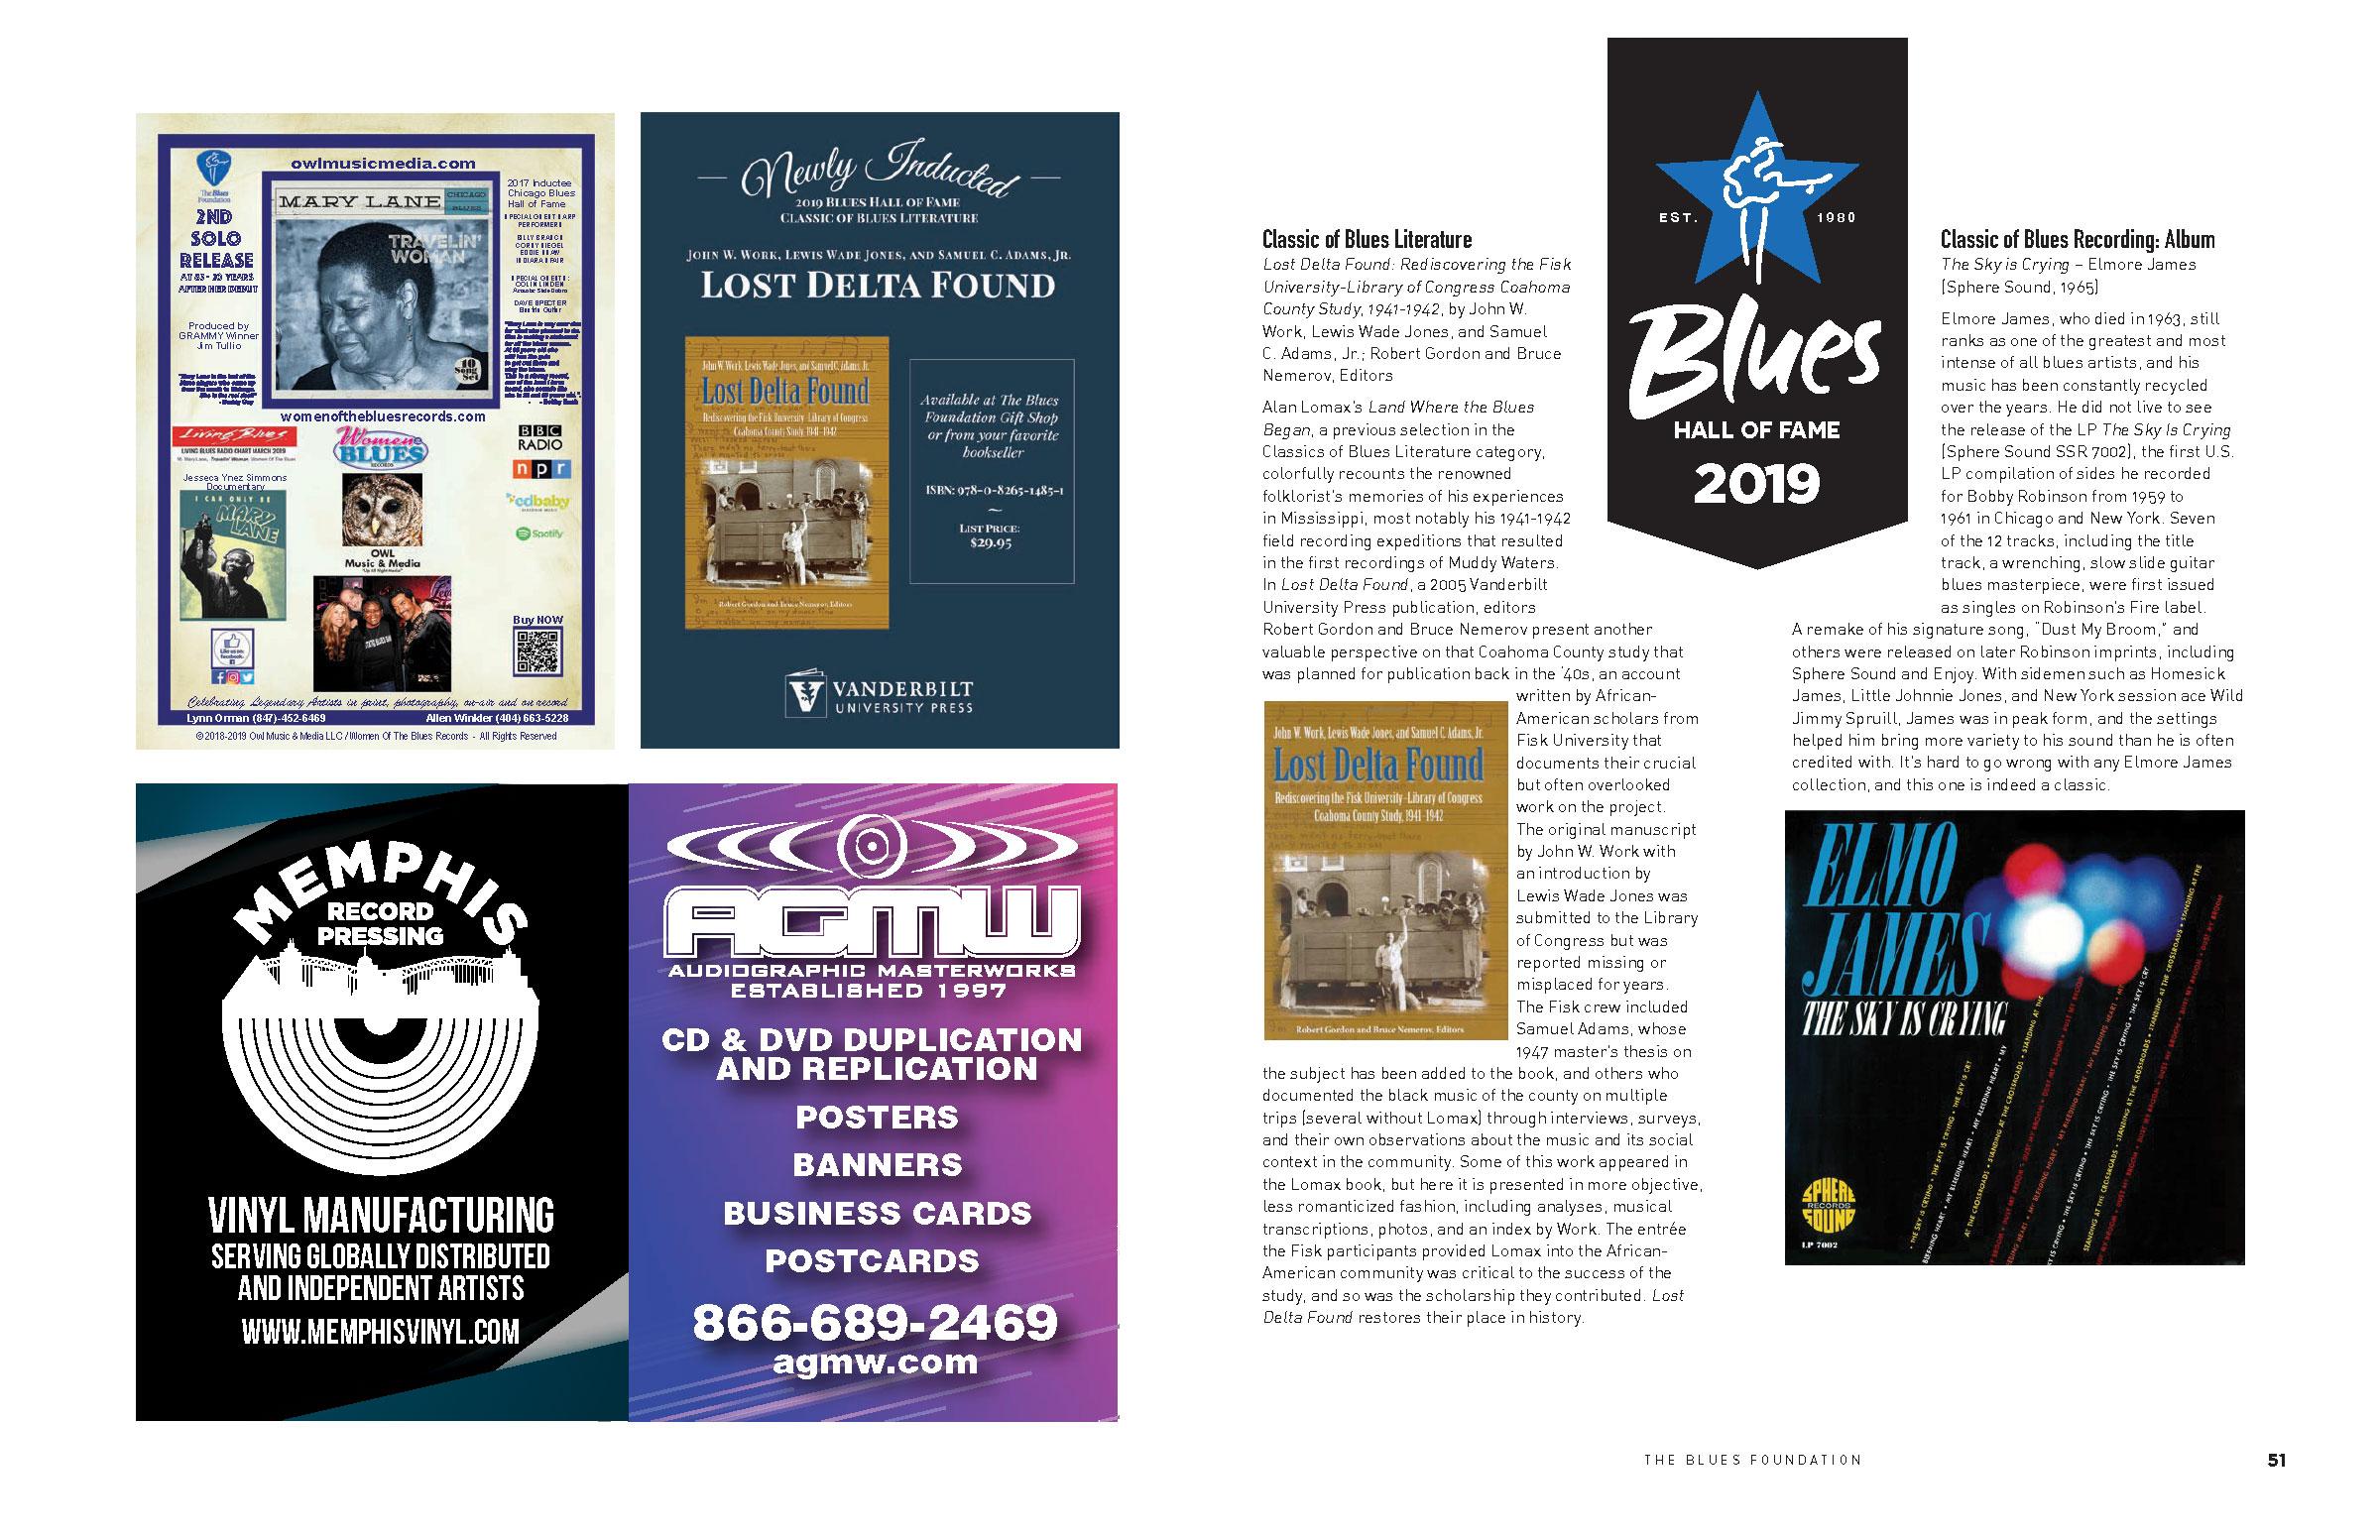 BMA Event Program - Blues Foundation